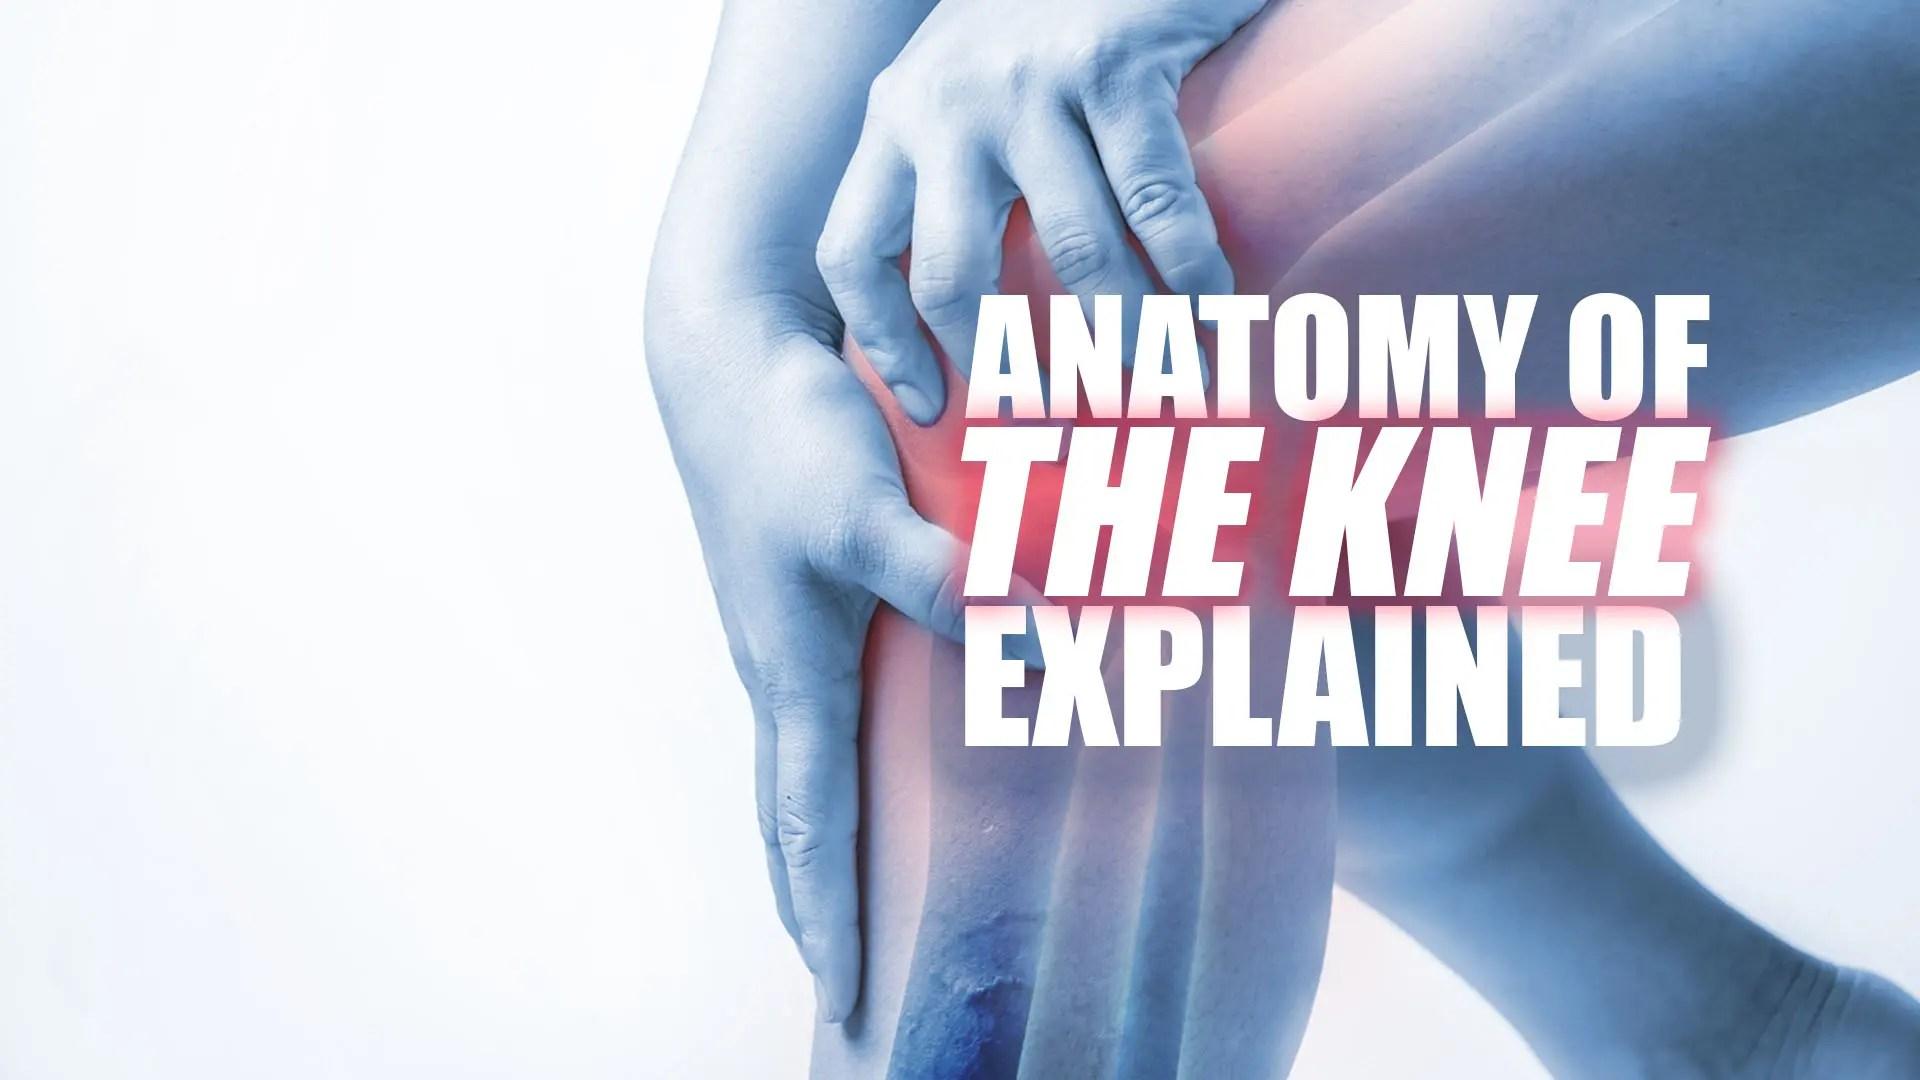 hogyan kezeljük a térd ligamentum károsodását)